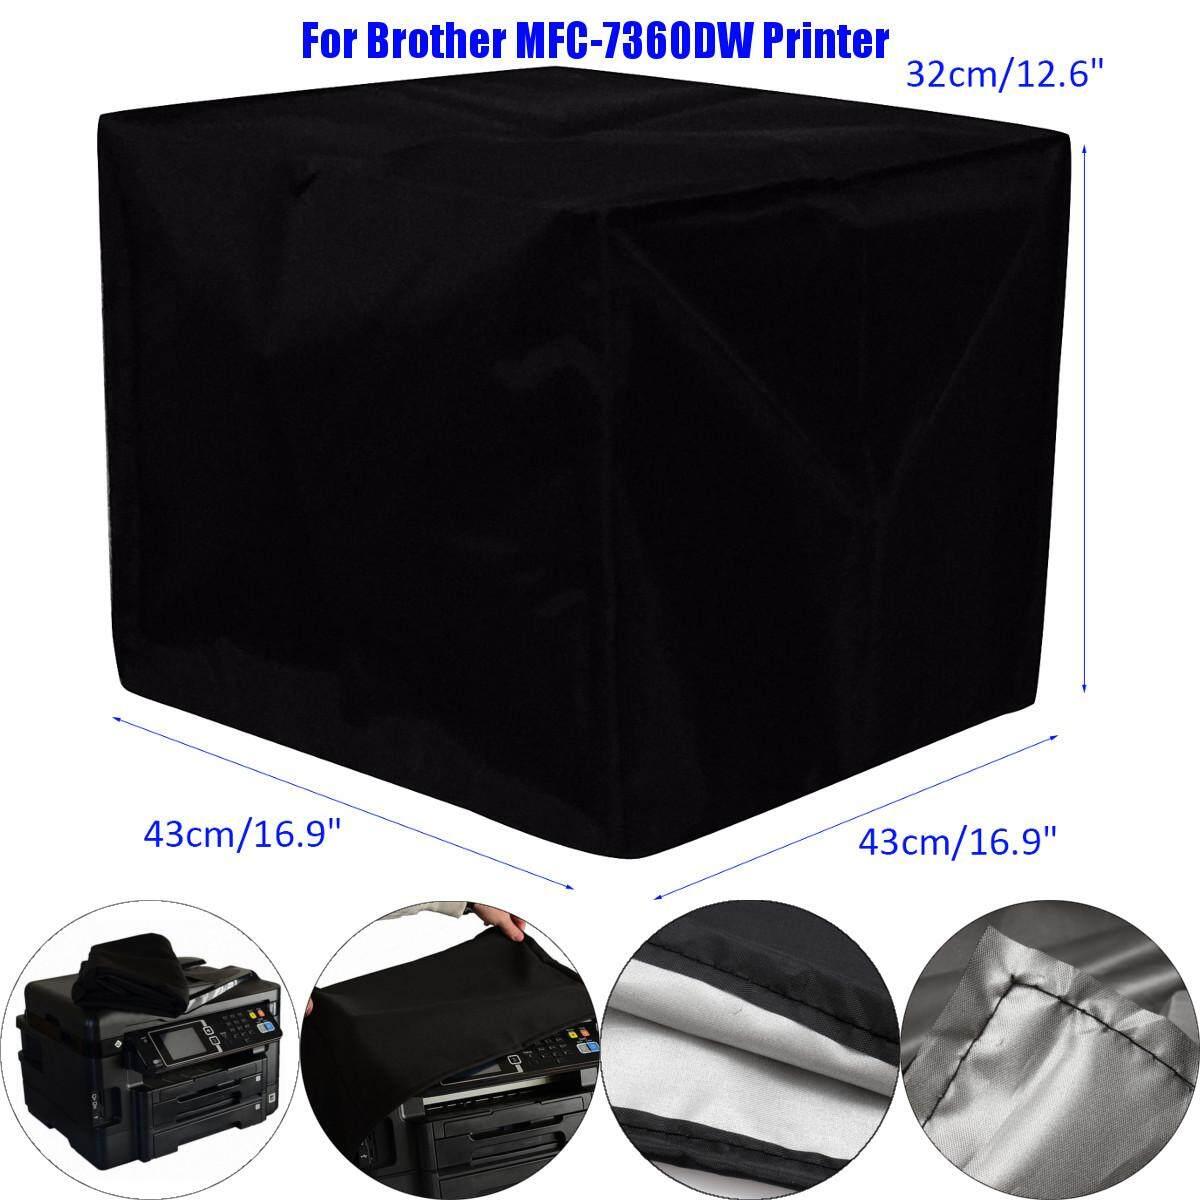 Jual Stand Printer Termurah Terlengkap Tabung Infus 4 Warna Box Hitam Dengan Kunci 17x17x125 Polyester Fiber Blend Dust Cover For Brother Mfc 7360dw